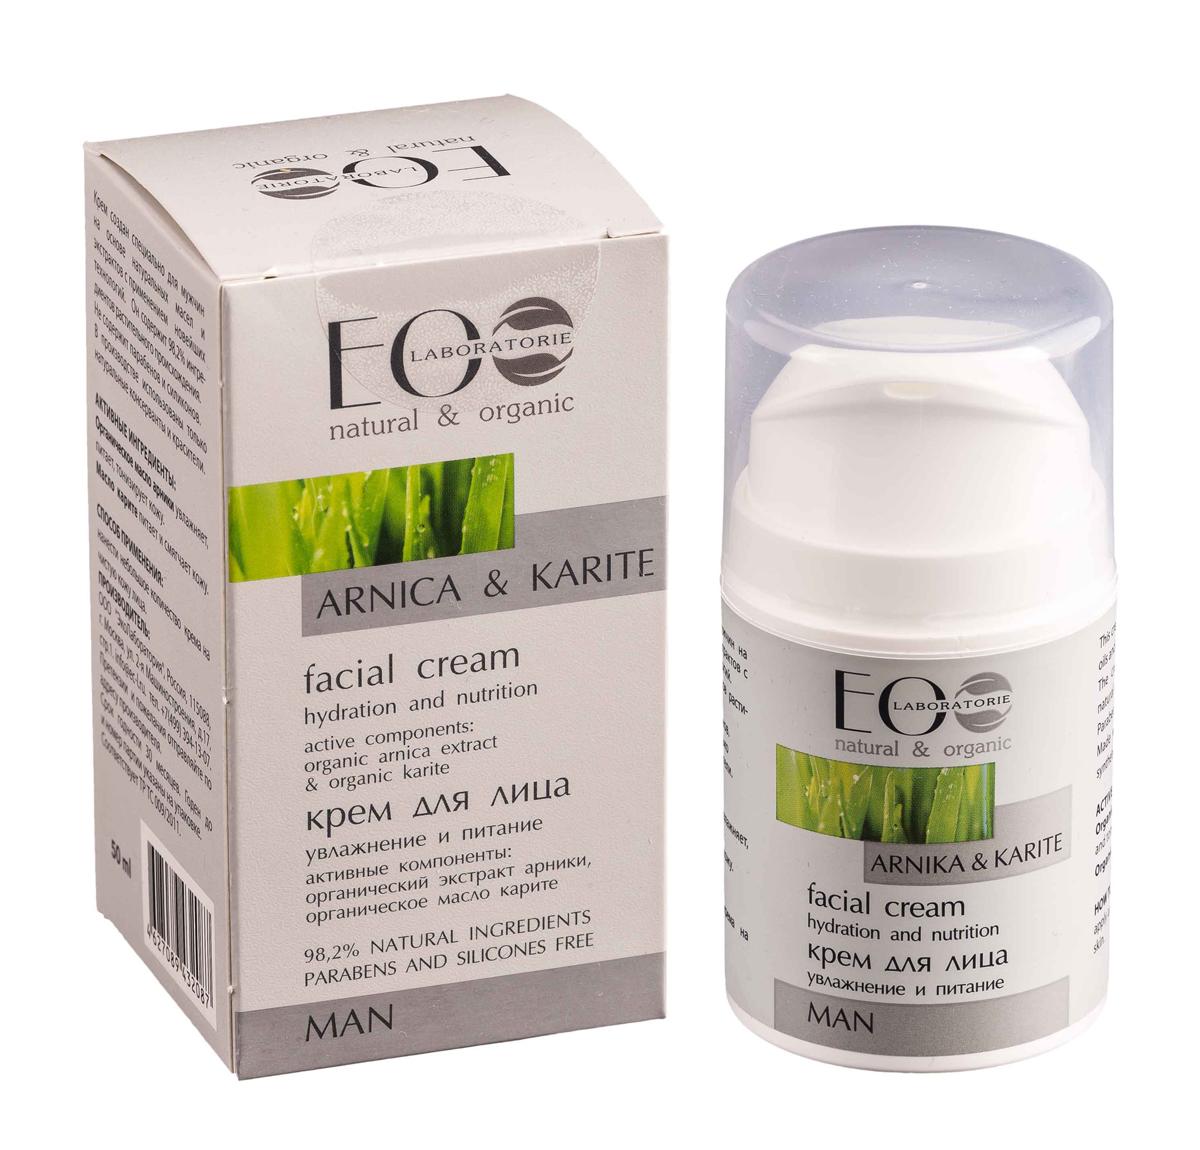 EcoLab ЭкоЛаб Крем для лица (глубокое увлажнение и питание) 50 мл4627089432087Он содержит 98,2% ингредиентов растительного происхождения. Не содержит парабенов и силиконов. В производстве использованы только натуральные консерванты и красители.АКТИВНЫЕ ИНГРЕДИЕНТЫ: Органическое масло арники увлажняет, питает, тонизирует кожу. Масло карите питает и смягчает кожу.